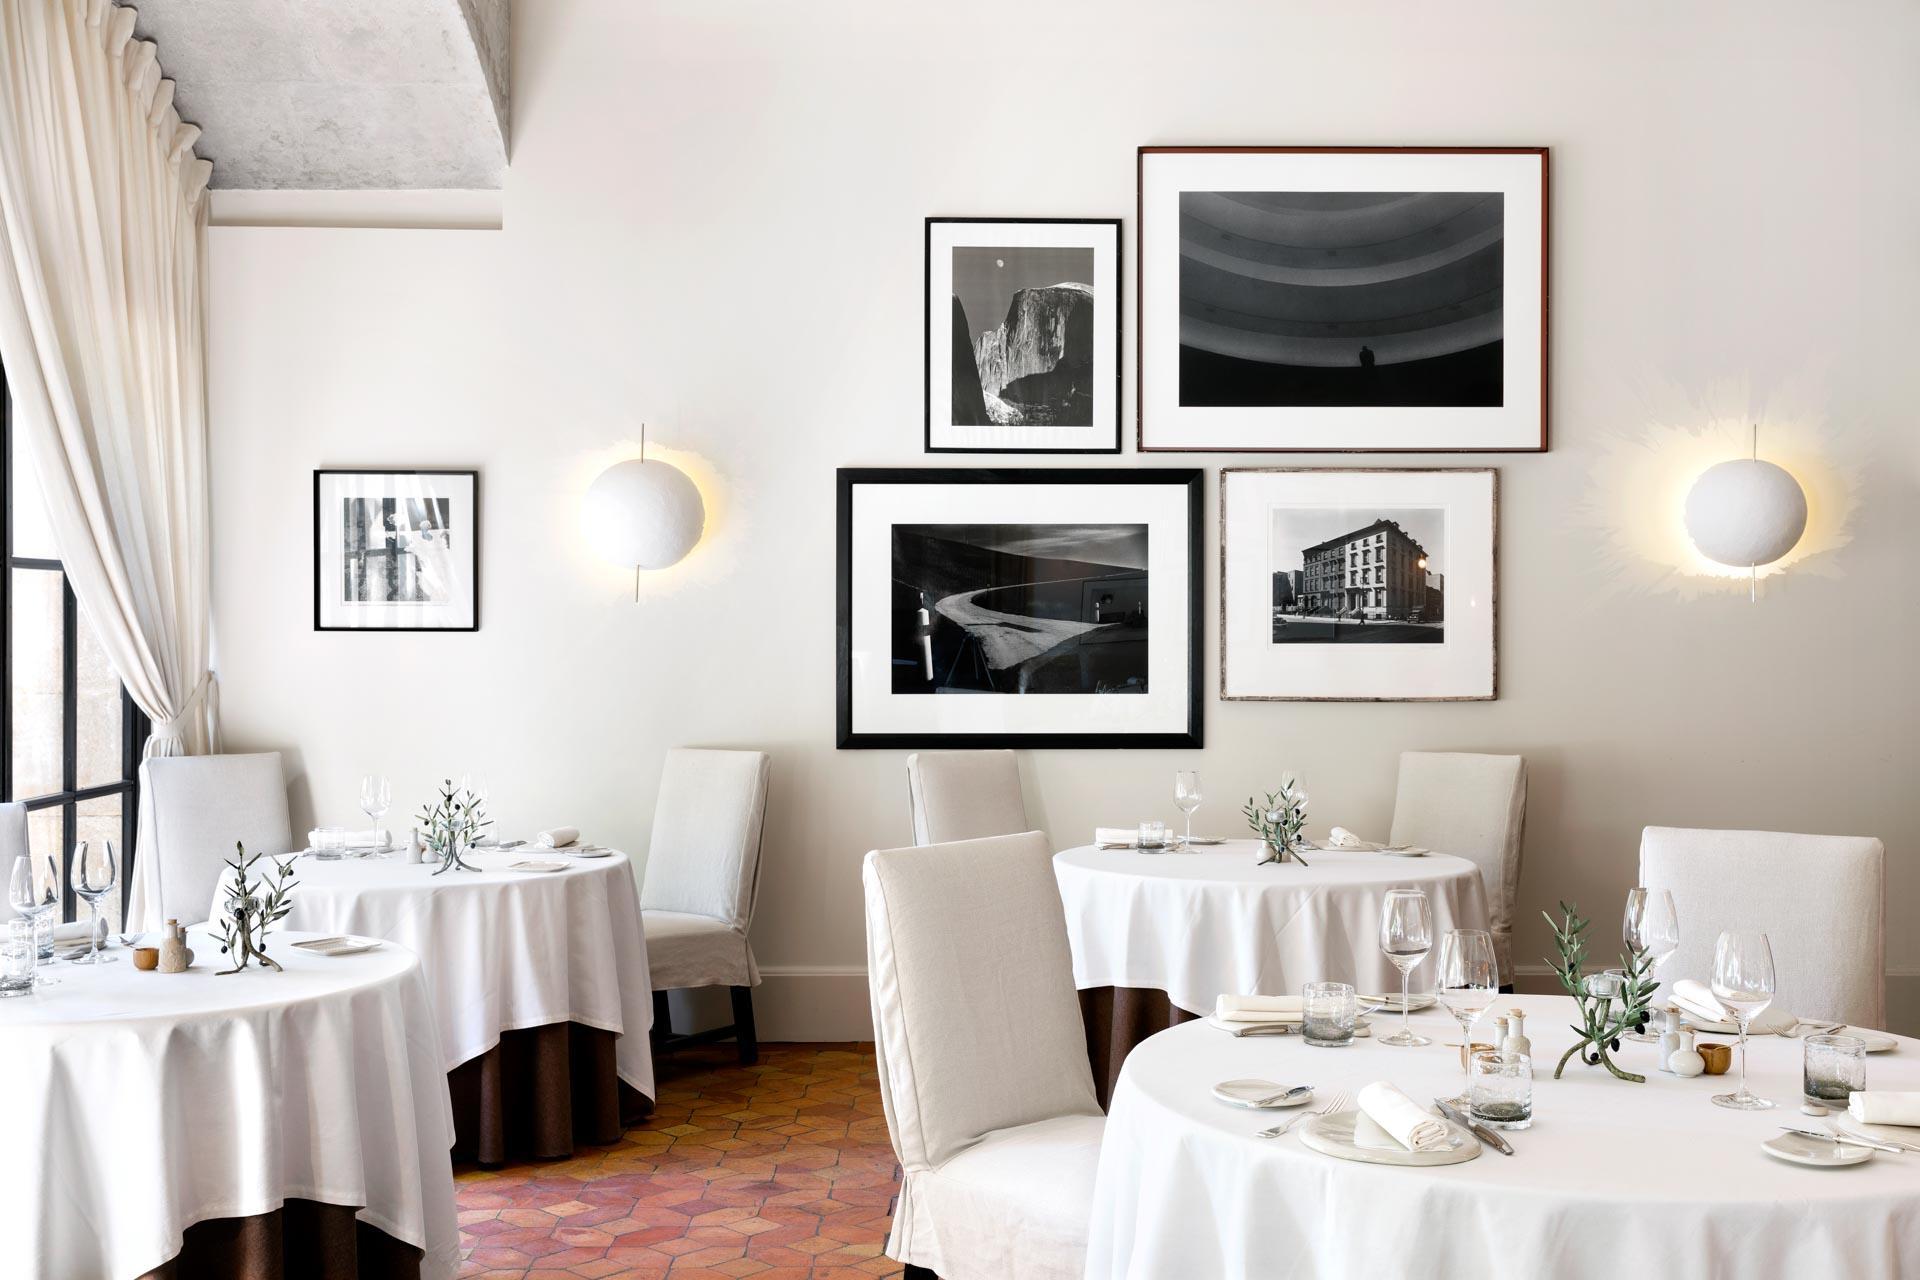 La salle de l'Oustau de Baumanière © G. Voinot